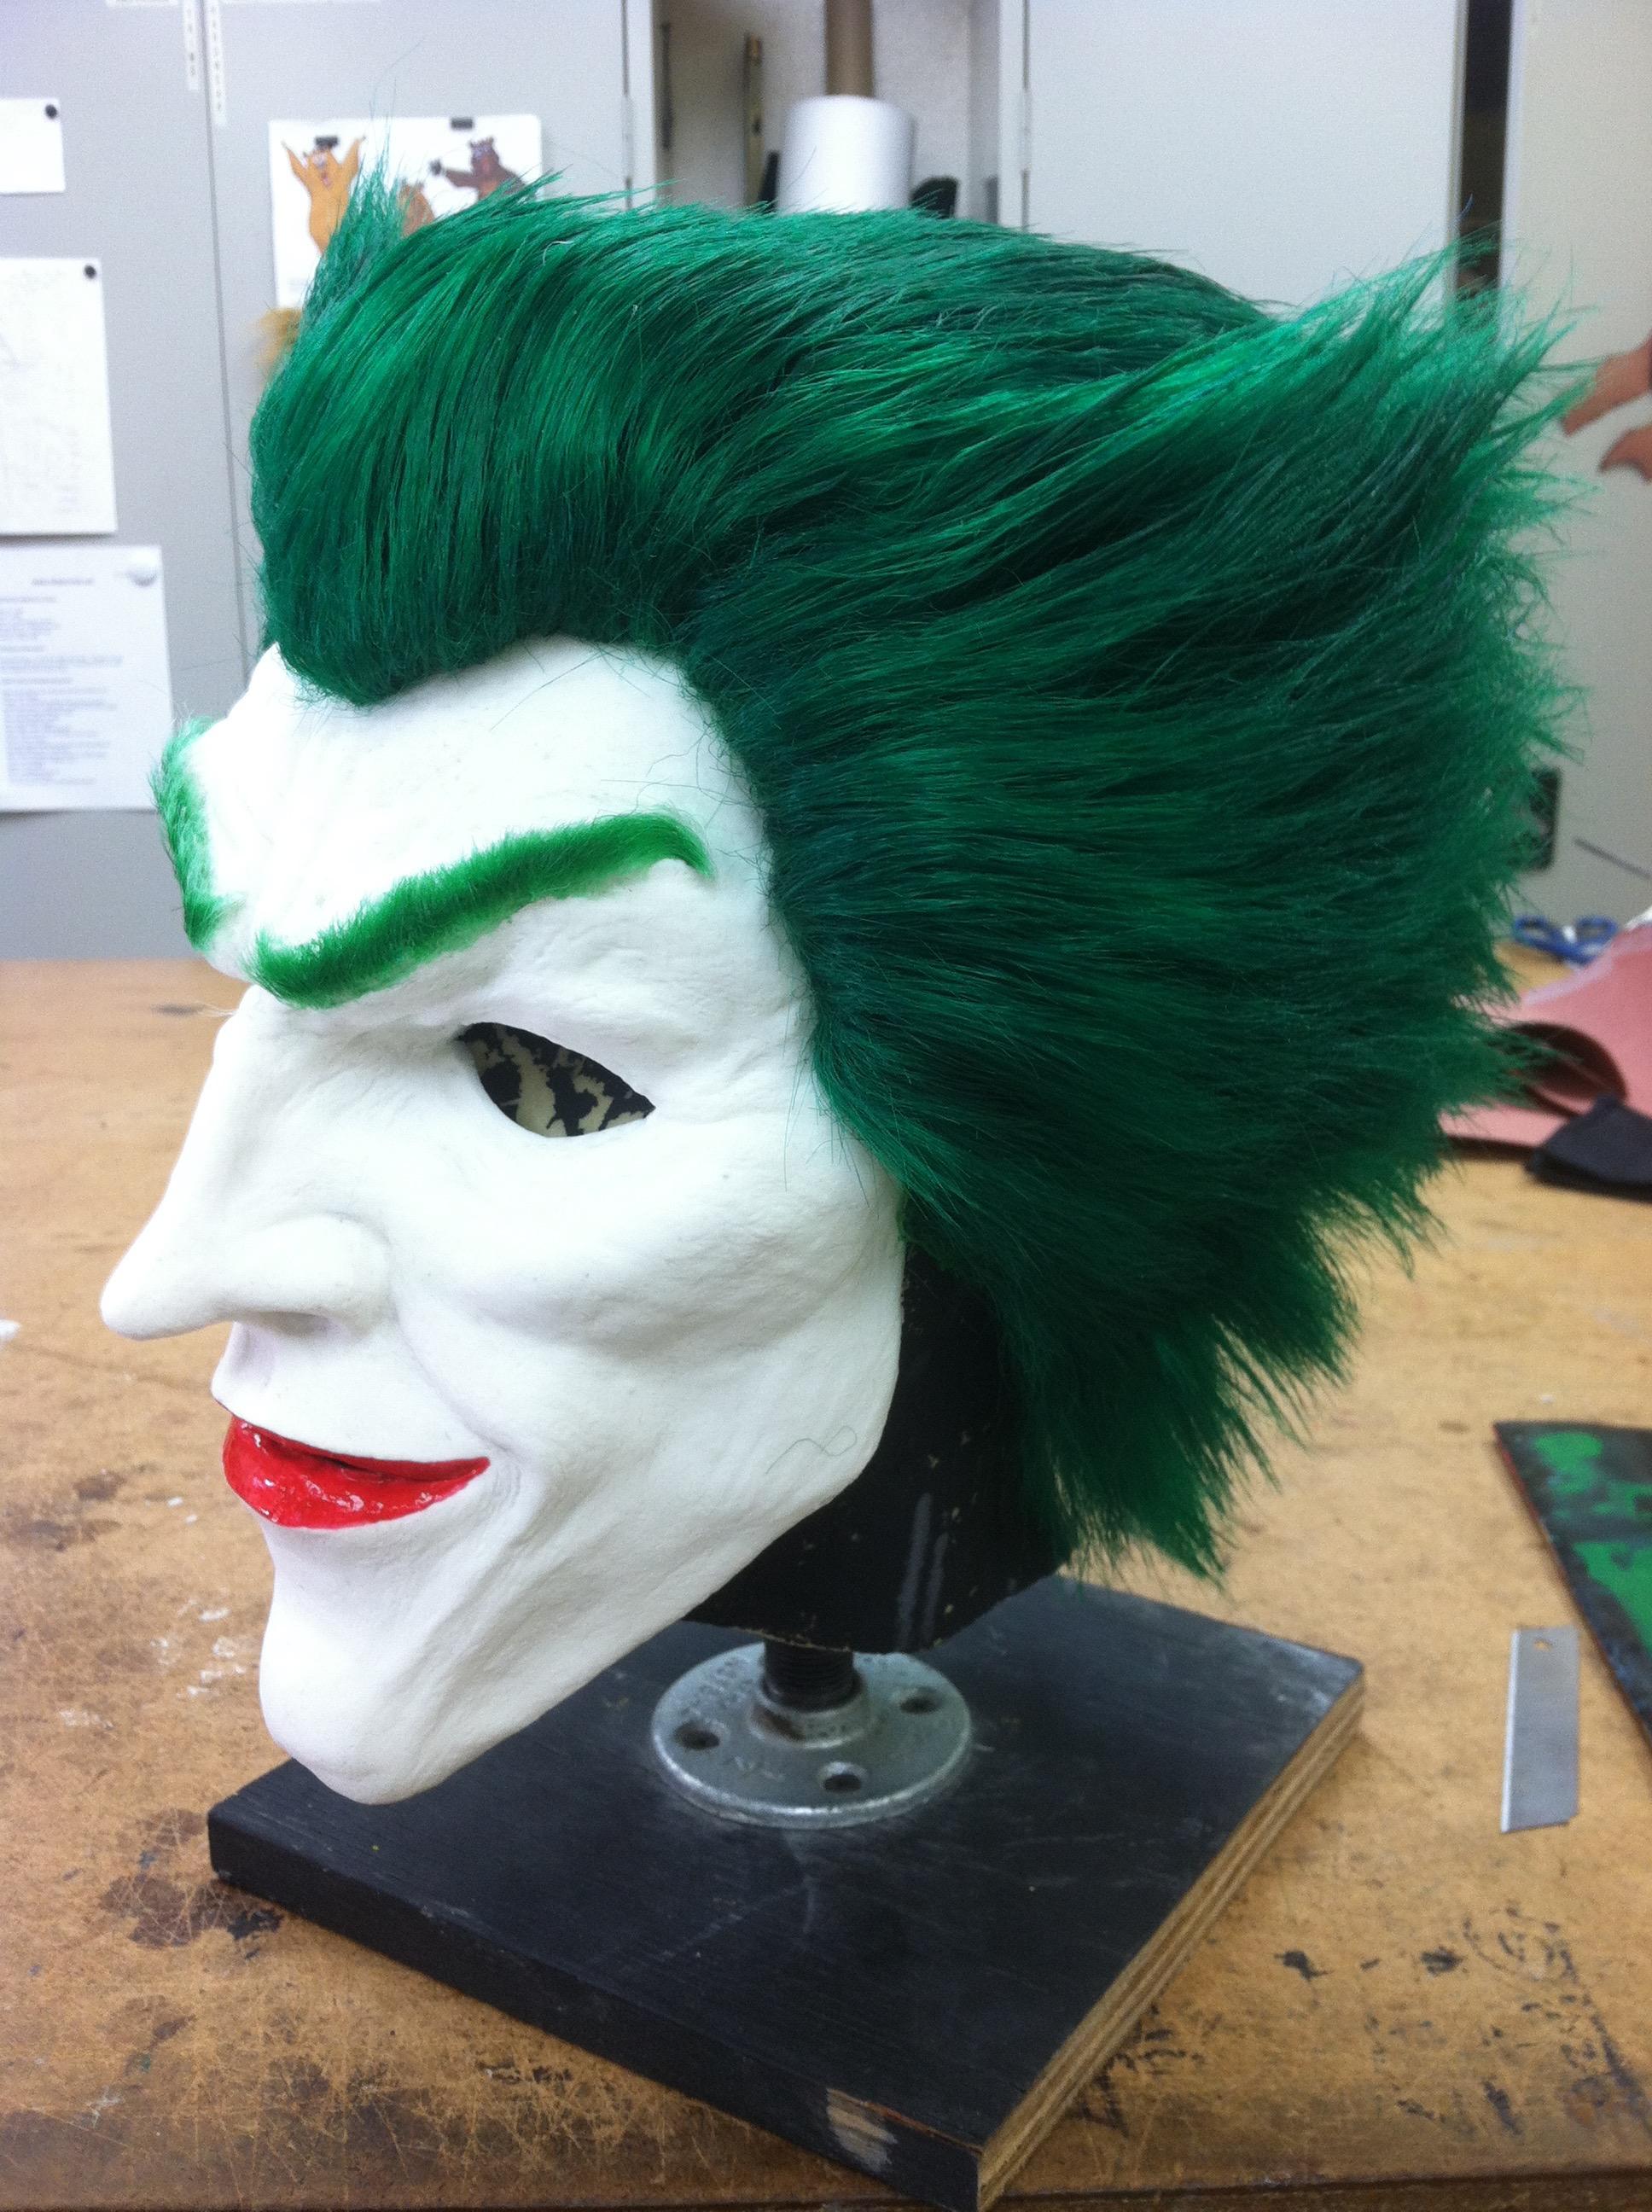 Joker Prosthetic